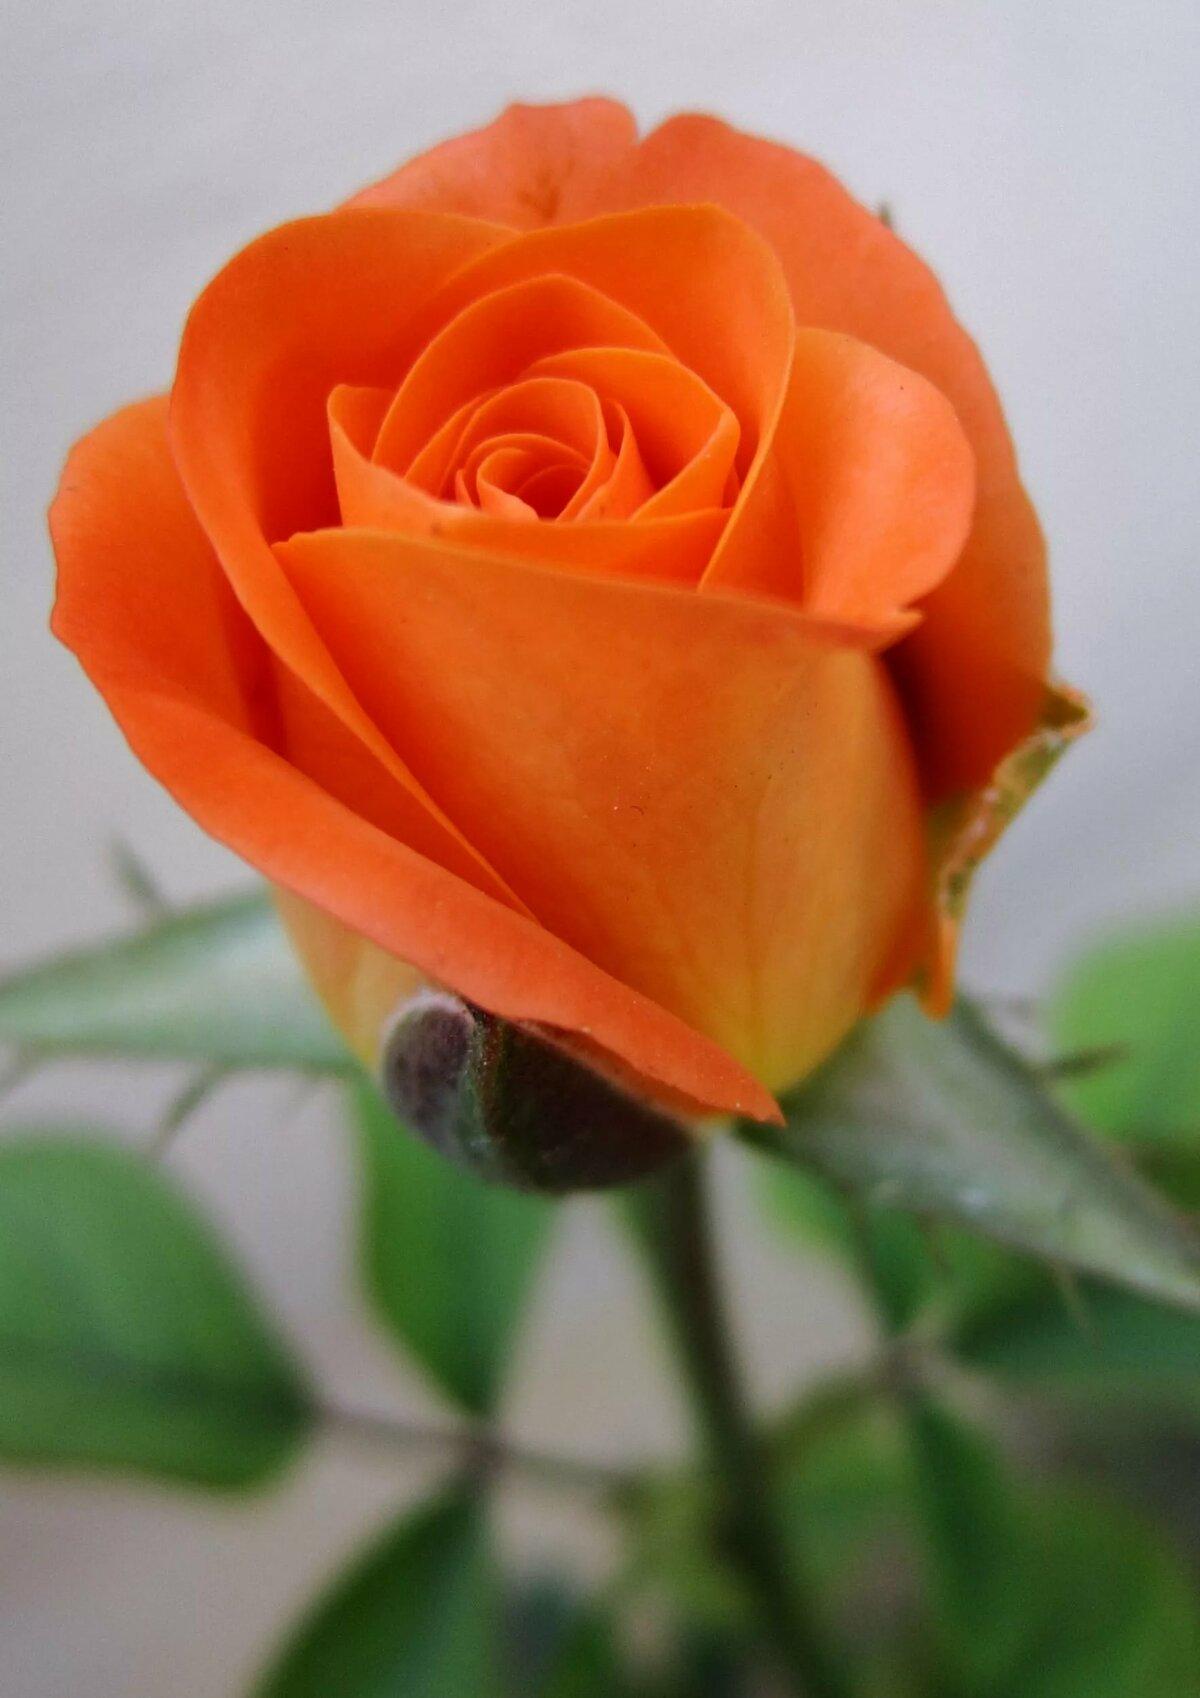 розово оранжевые розы картинка красивые